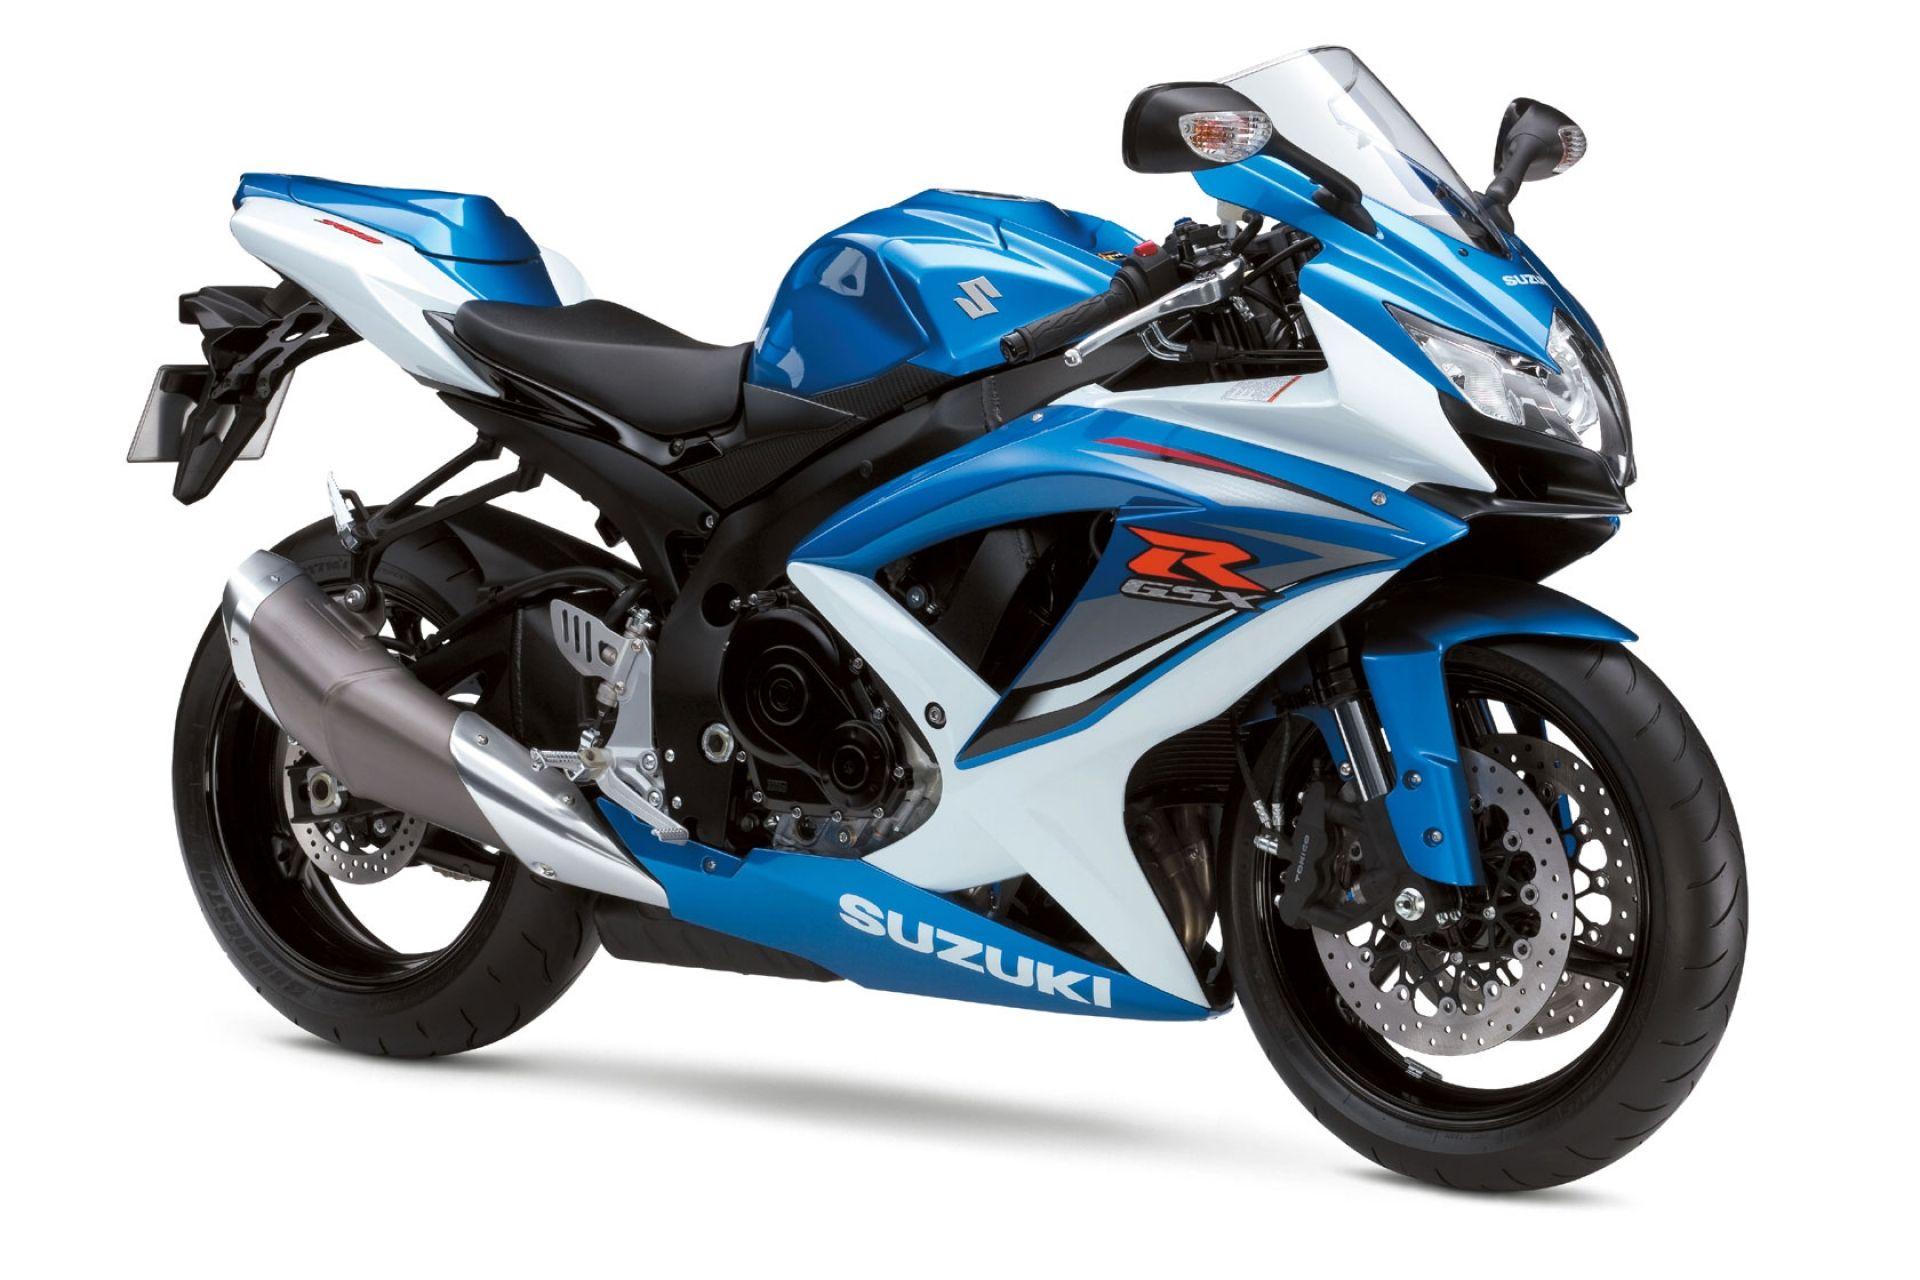 Suzuki Motorcycle In Blue My Favorite Suzuki Gsxr Suzuki Bikes Suzuki Gsx